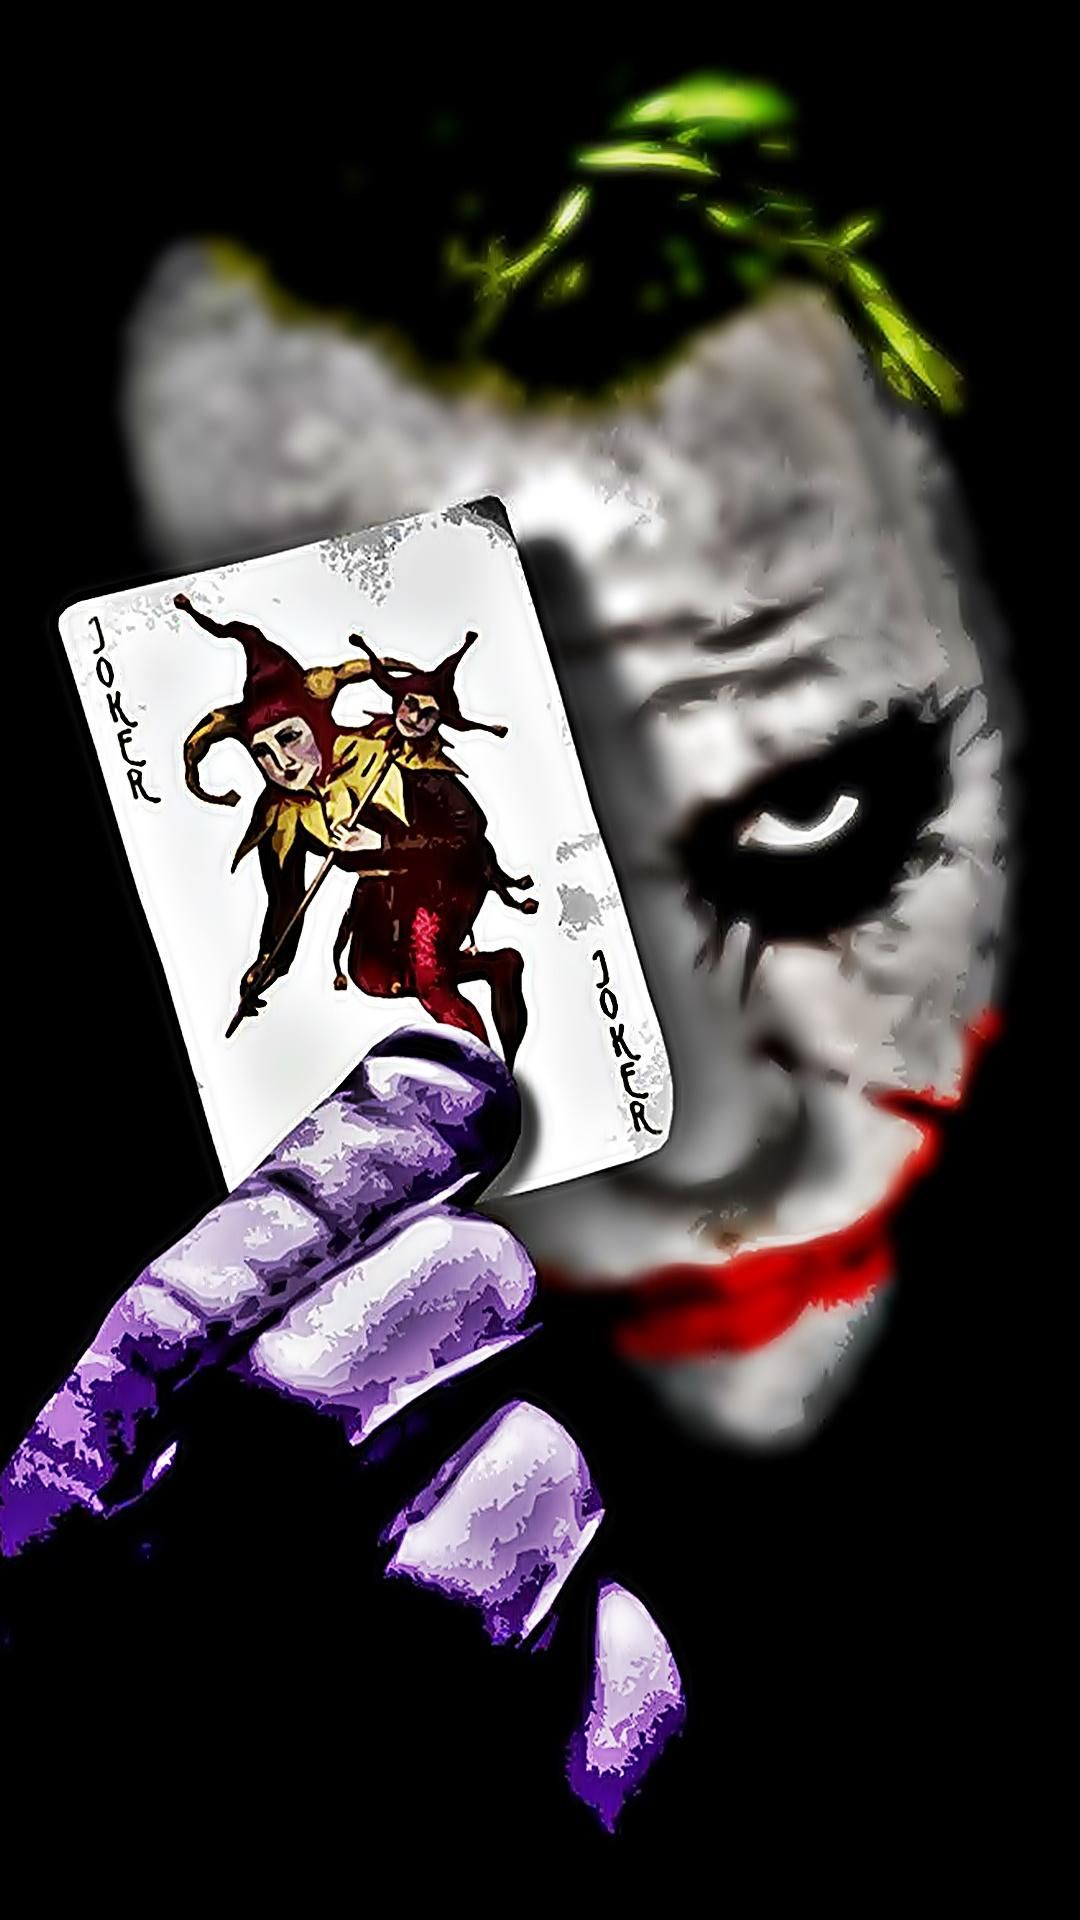 Pin By Inspire Video On Joker Drawings In 2021 Joker Drawings Batman Joker Wallpaper Joker Wallpapers Joker 2021 hd wallpaper for mobile